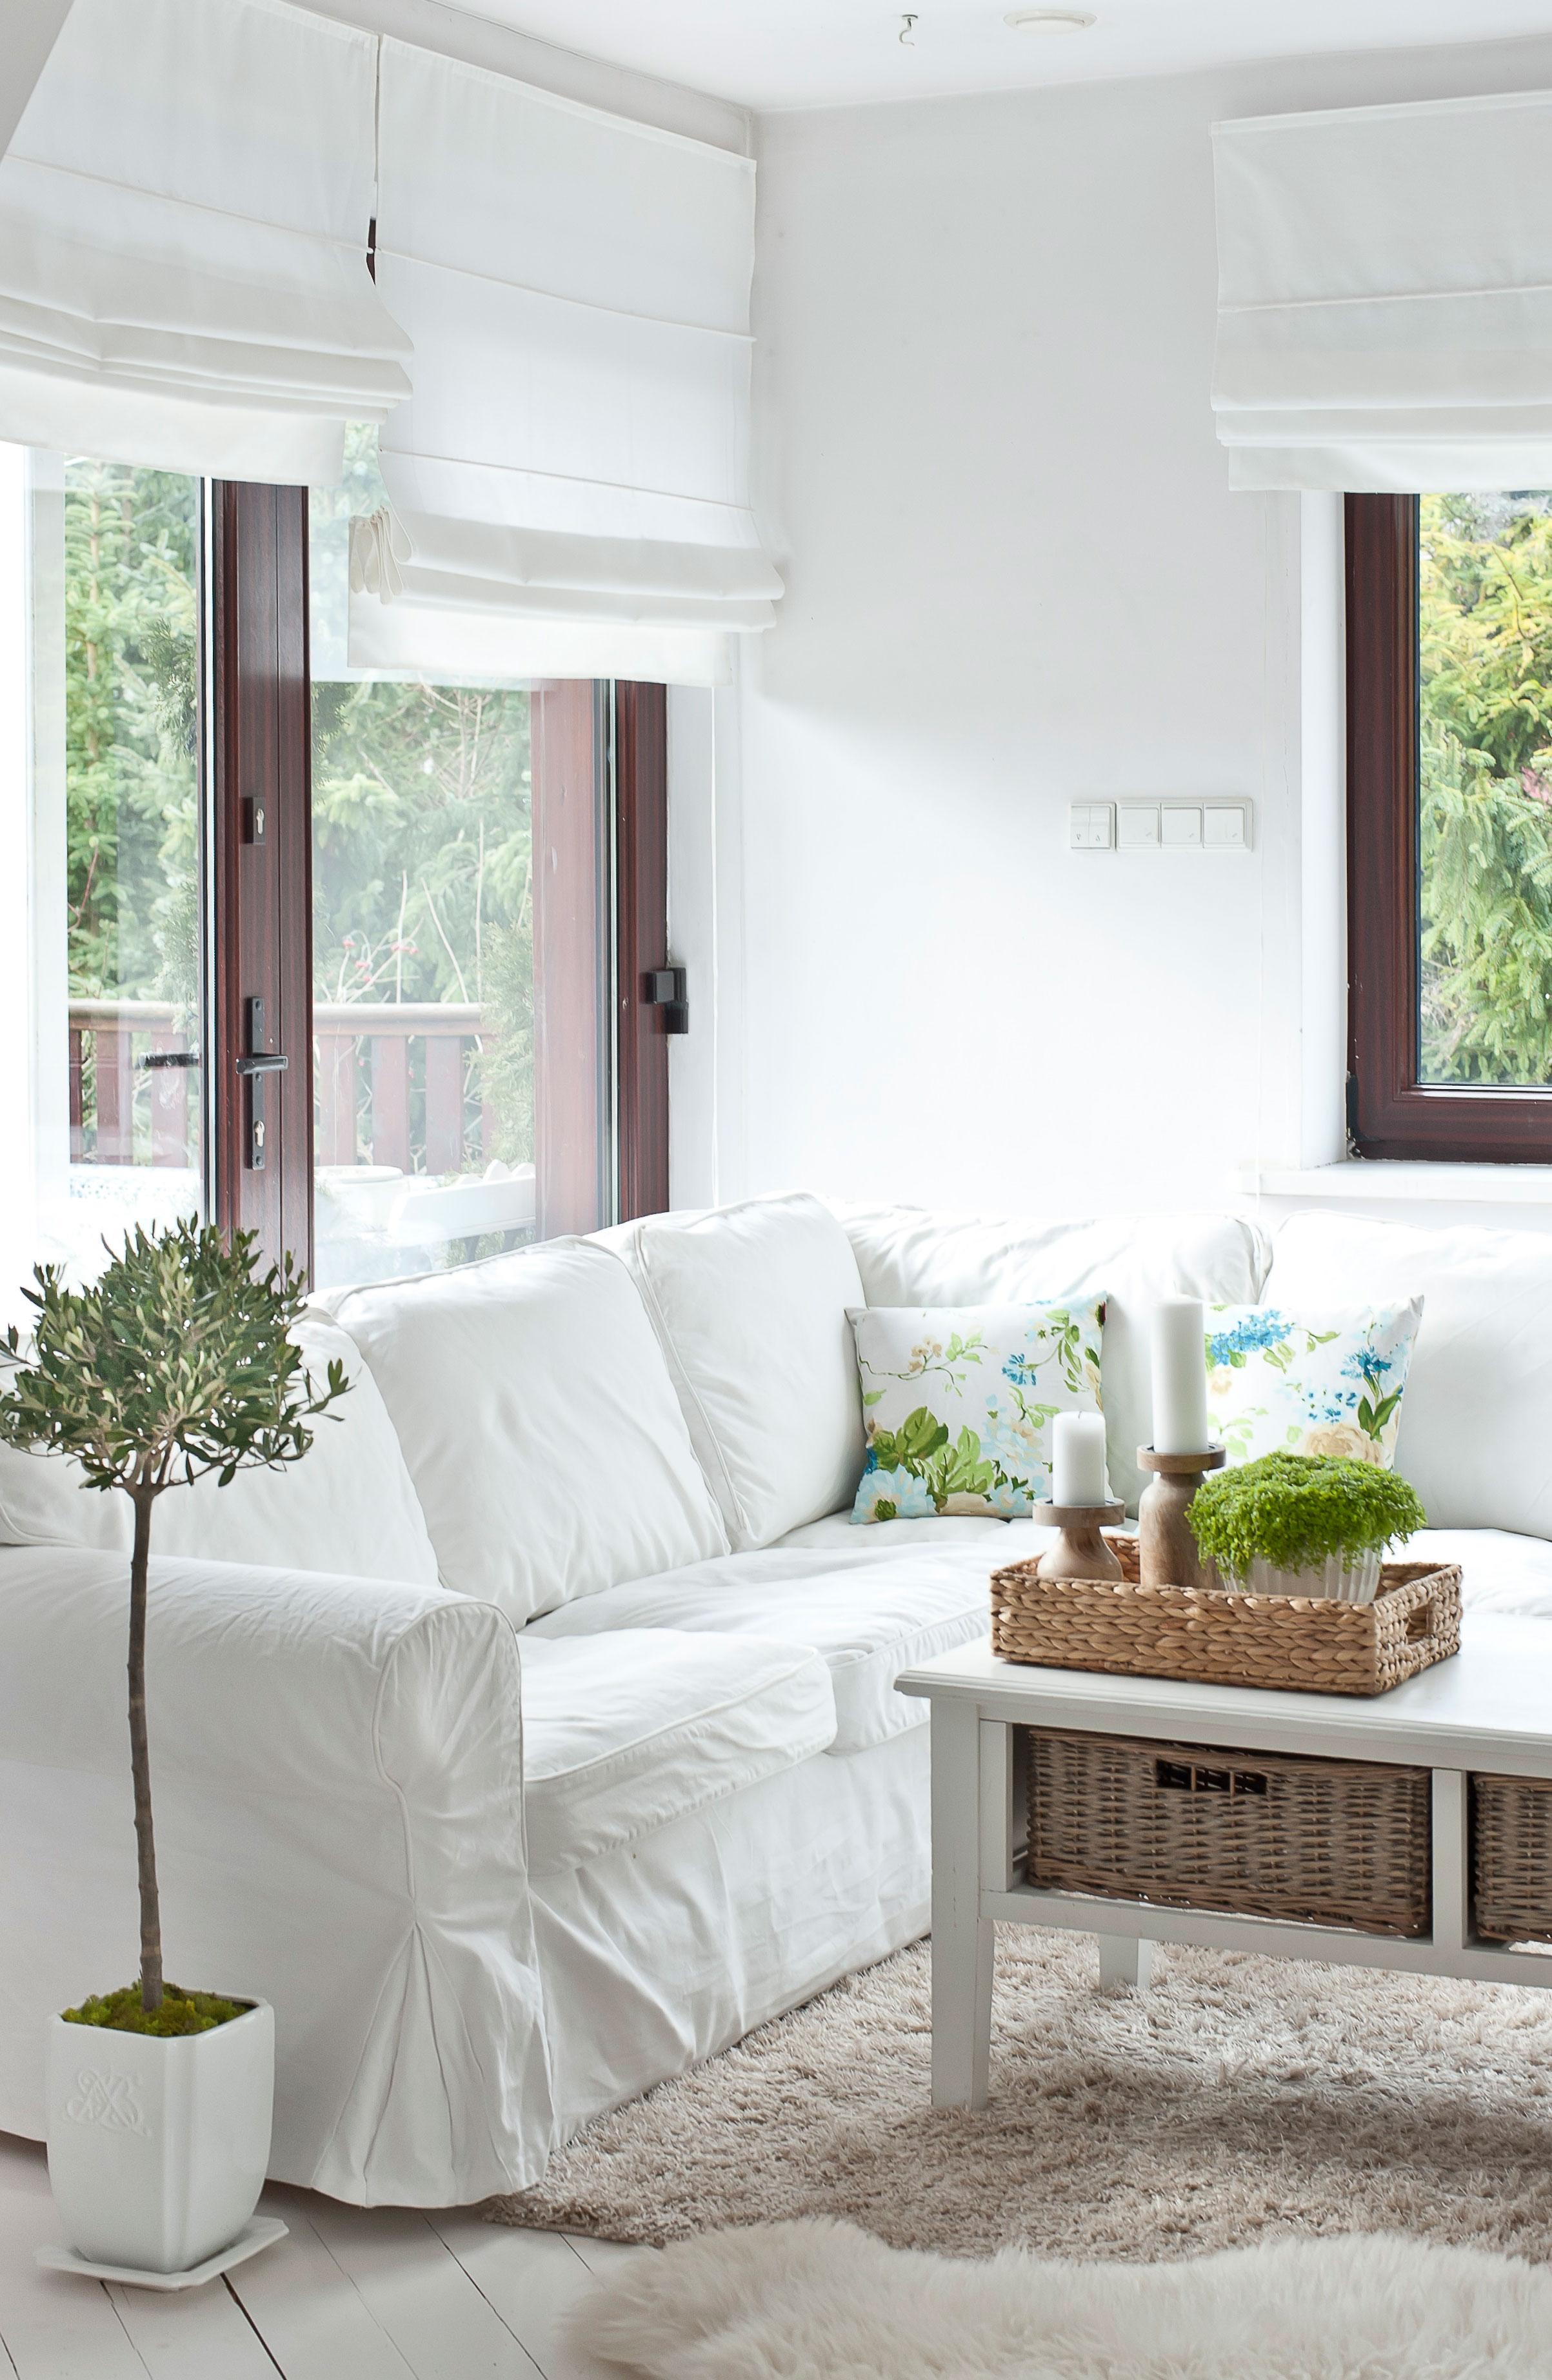 Weisse beüge für Ikea-Sofas